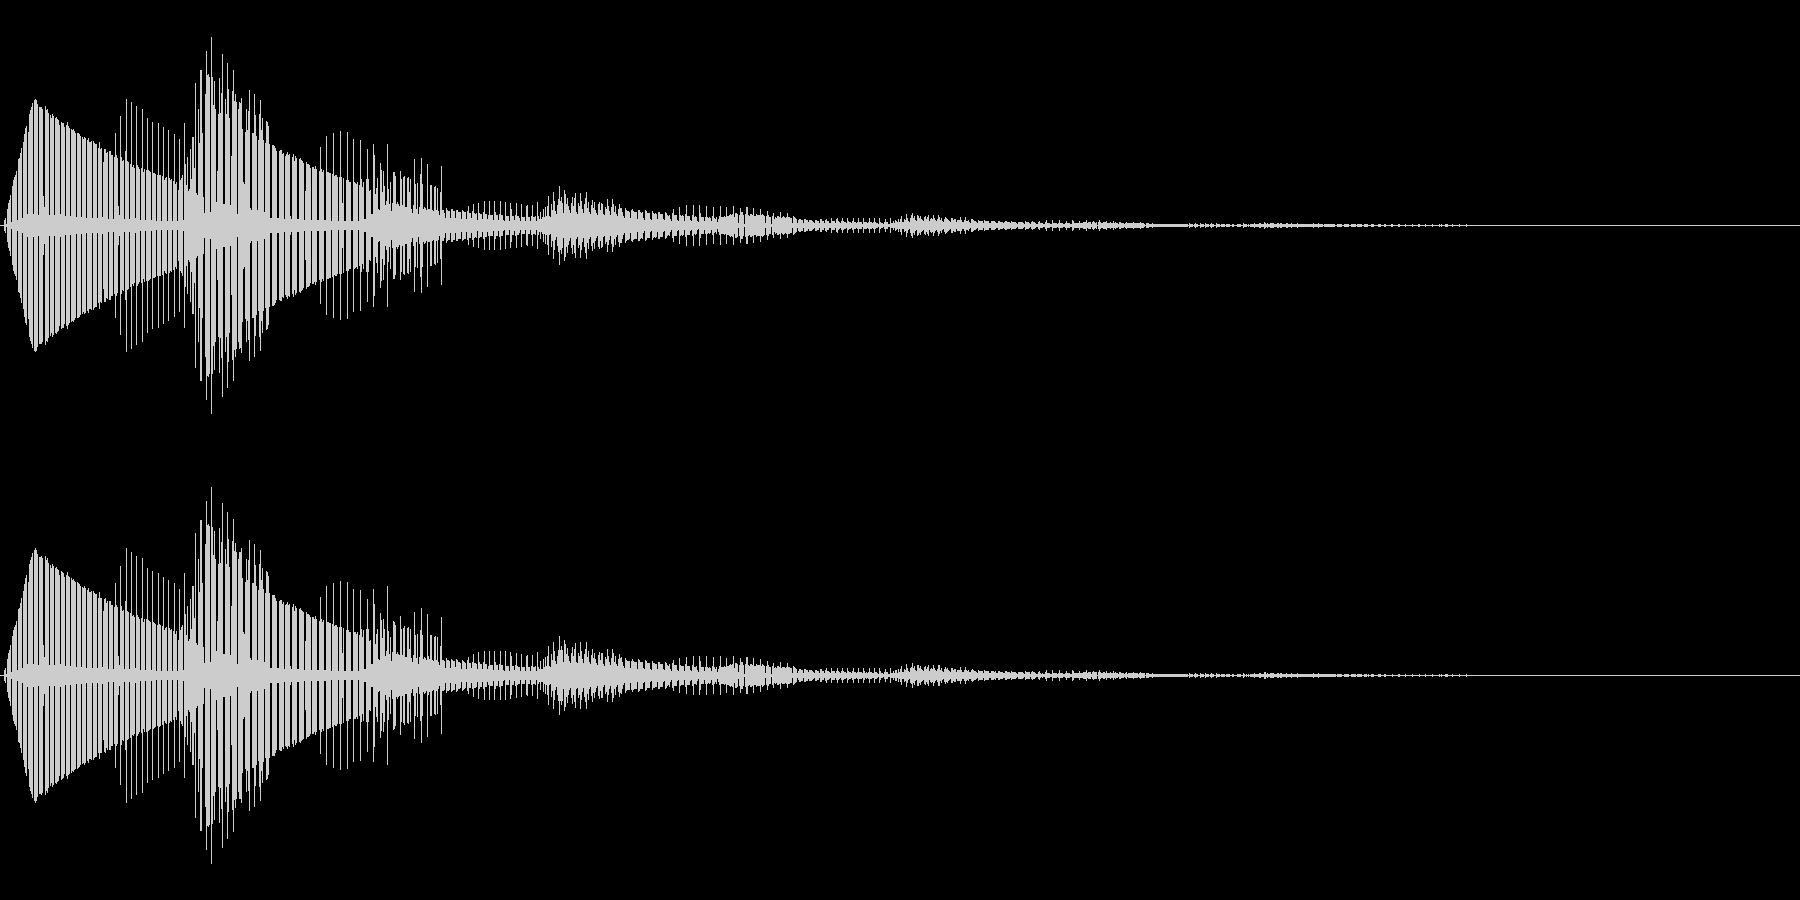 エラー表示が出た時の効果音の未再生の波形